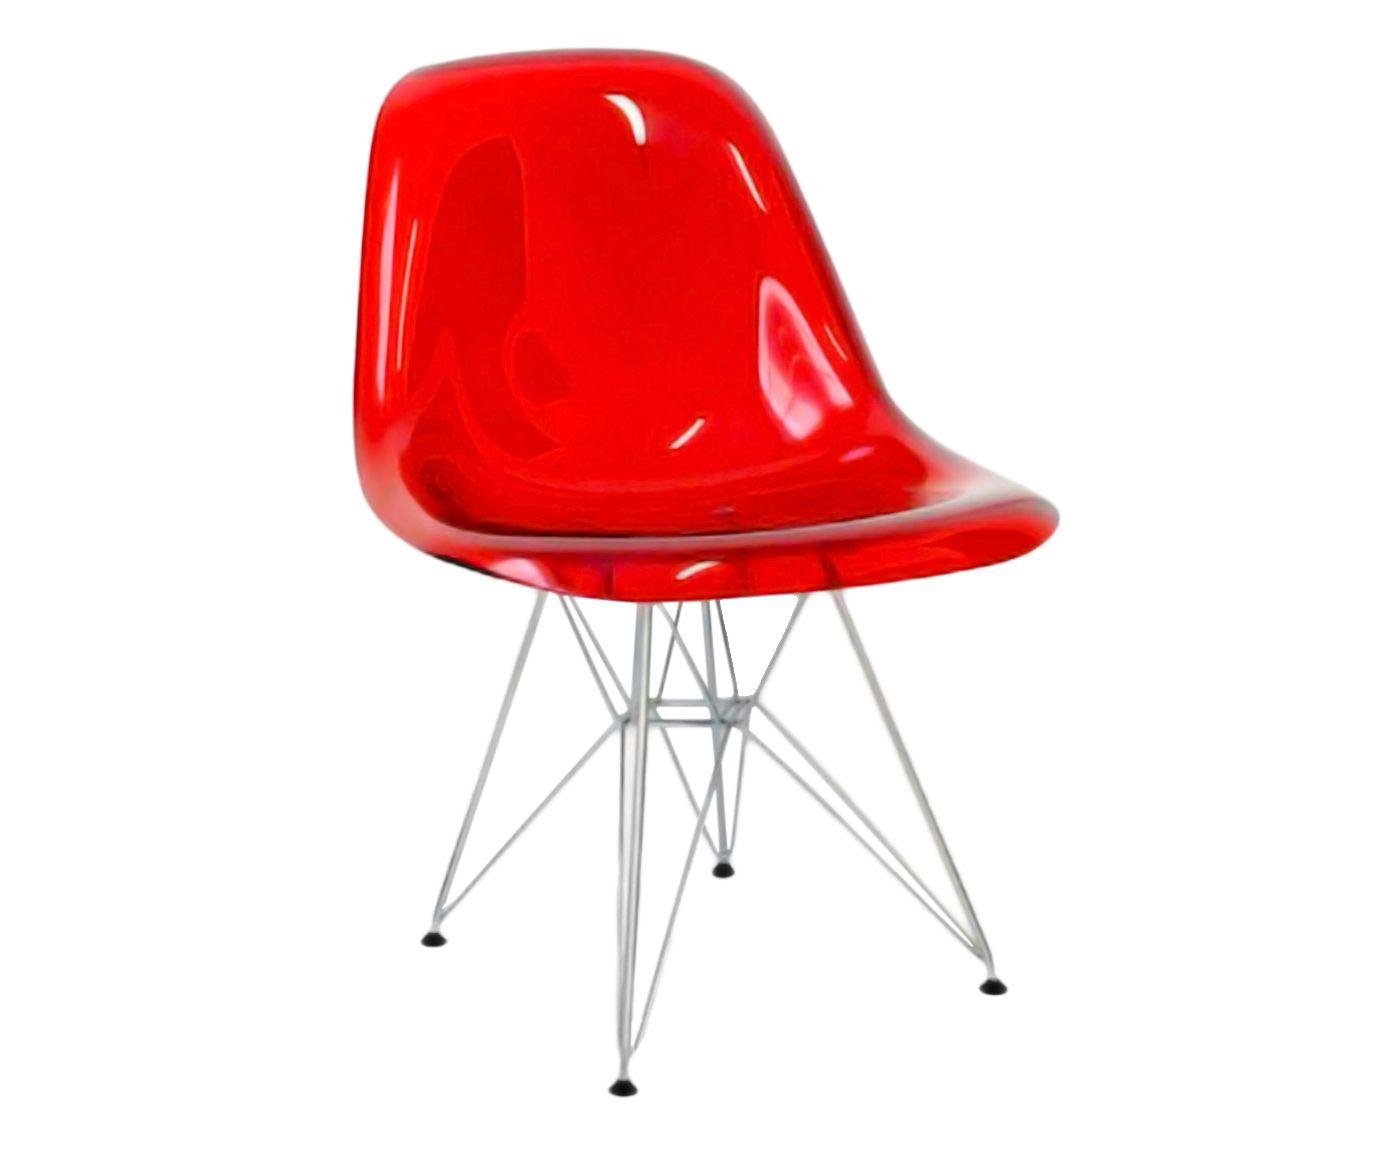 Cadeira Eames Lagreca Smooth - Vermelha | Westwing.com.br